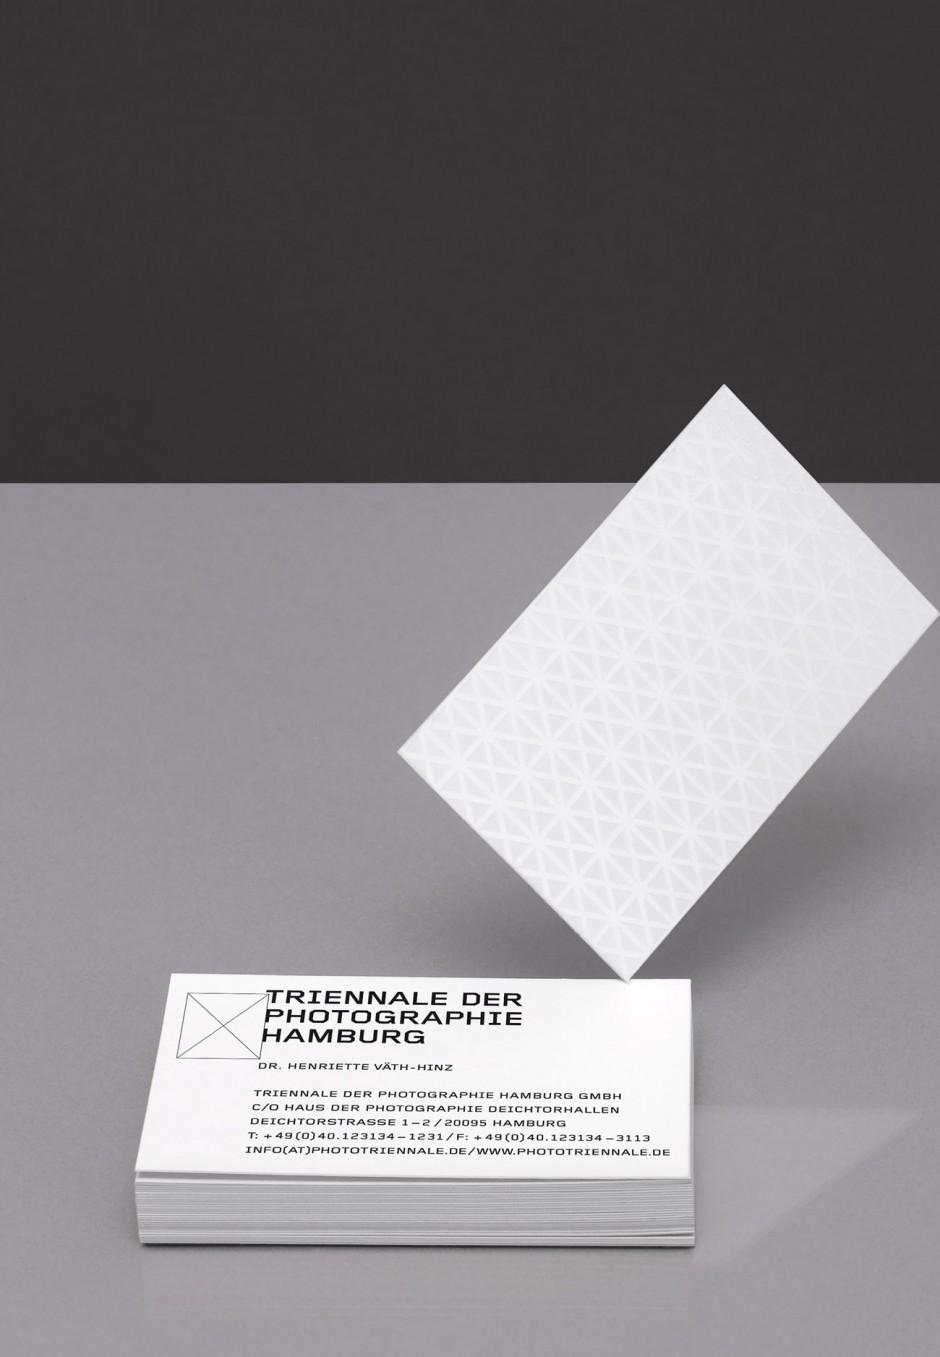 Triennale der Photographie Hamburg – Visitenkarte